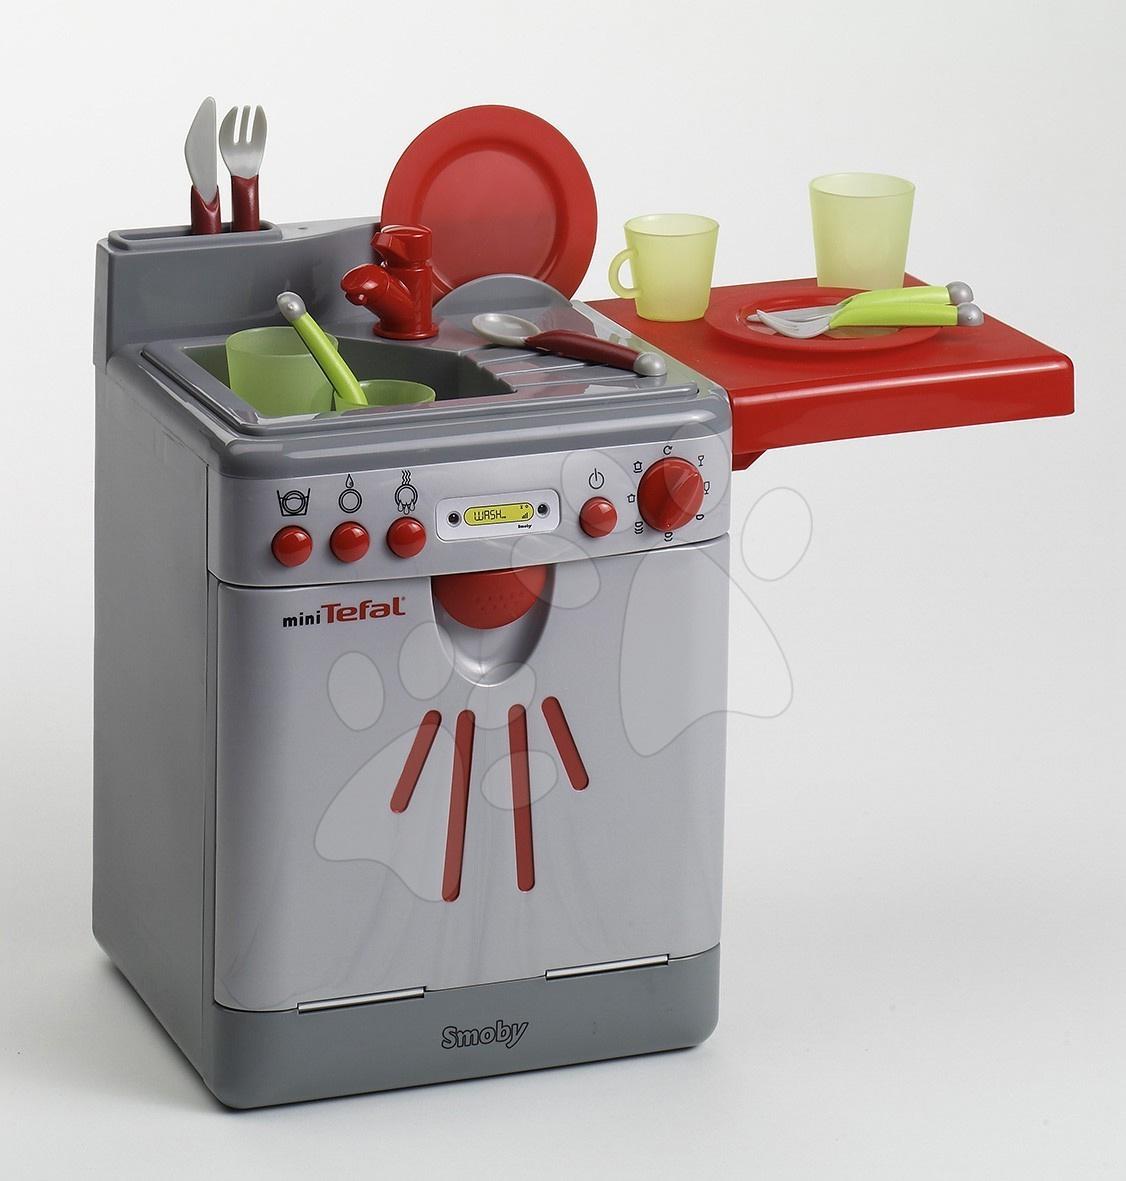 Umývačka riadu Mini Tefal Smoby elektronická so 14 doplnkami